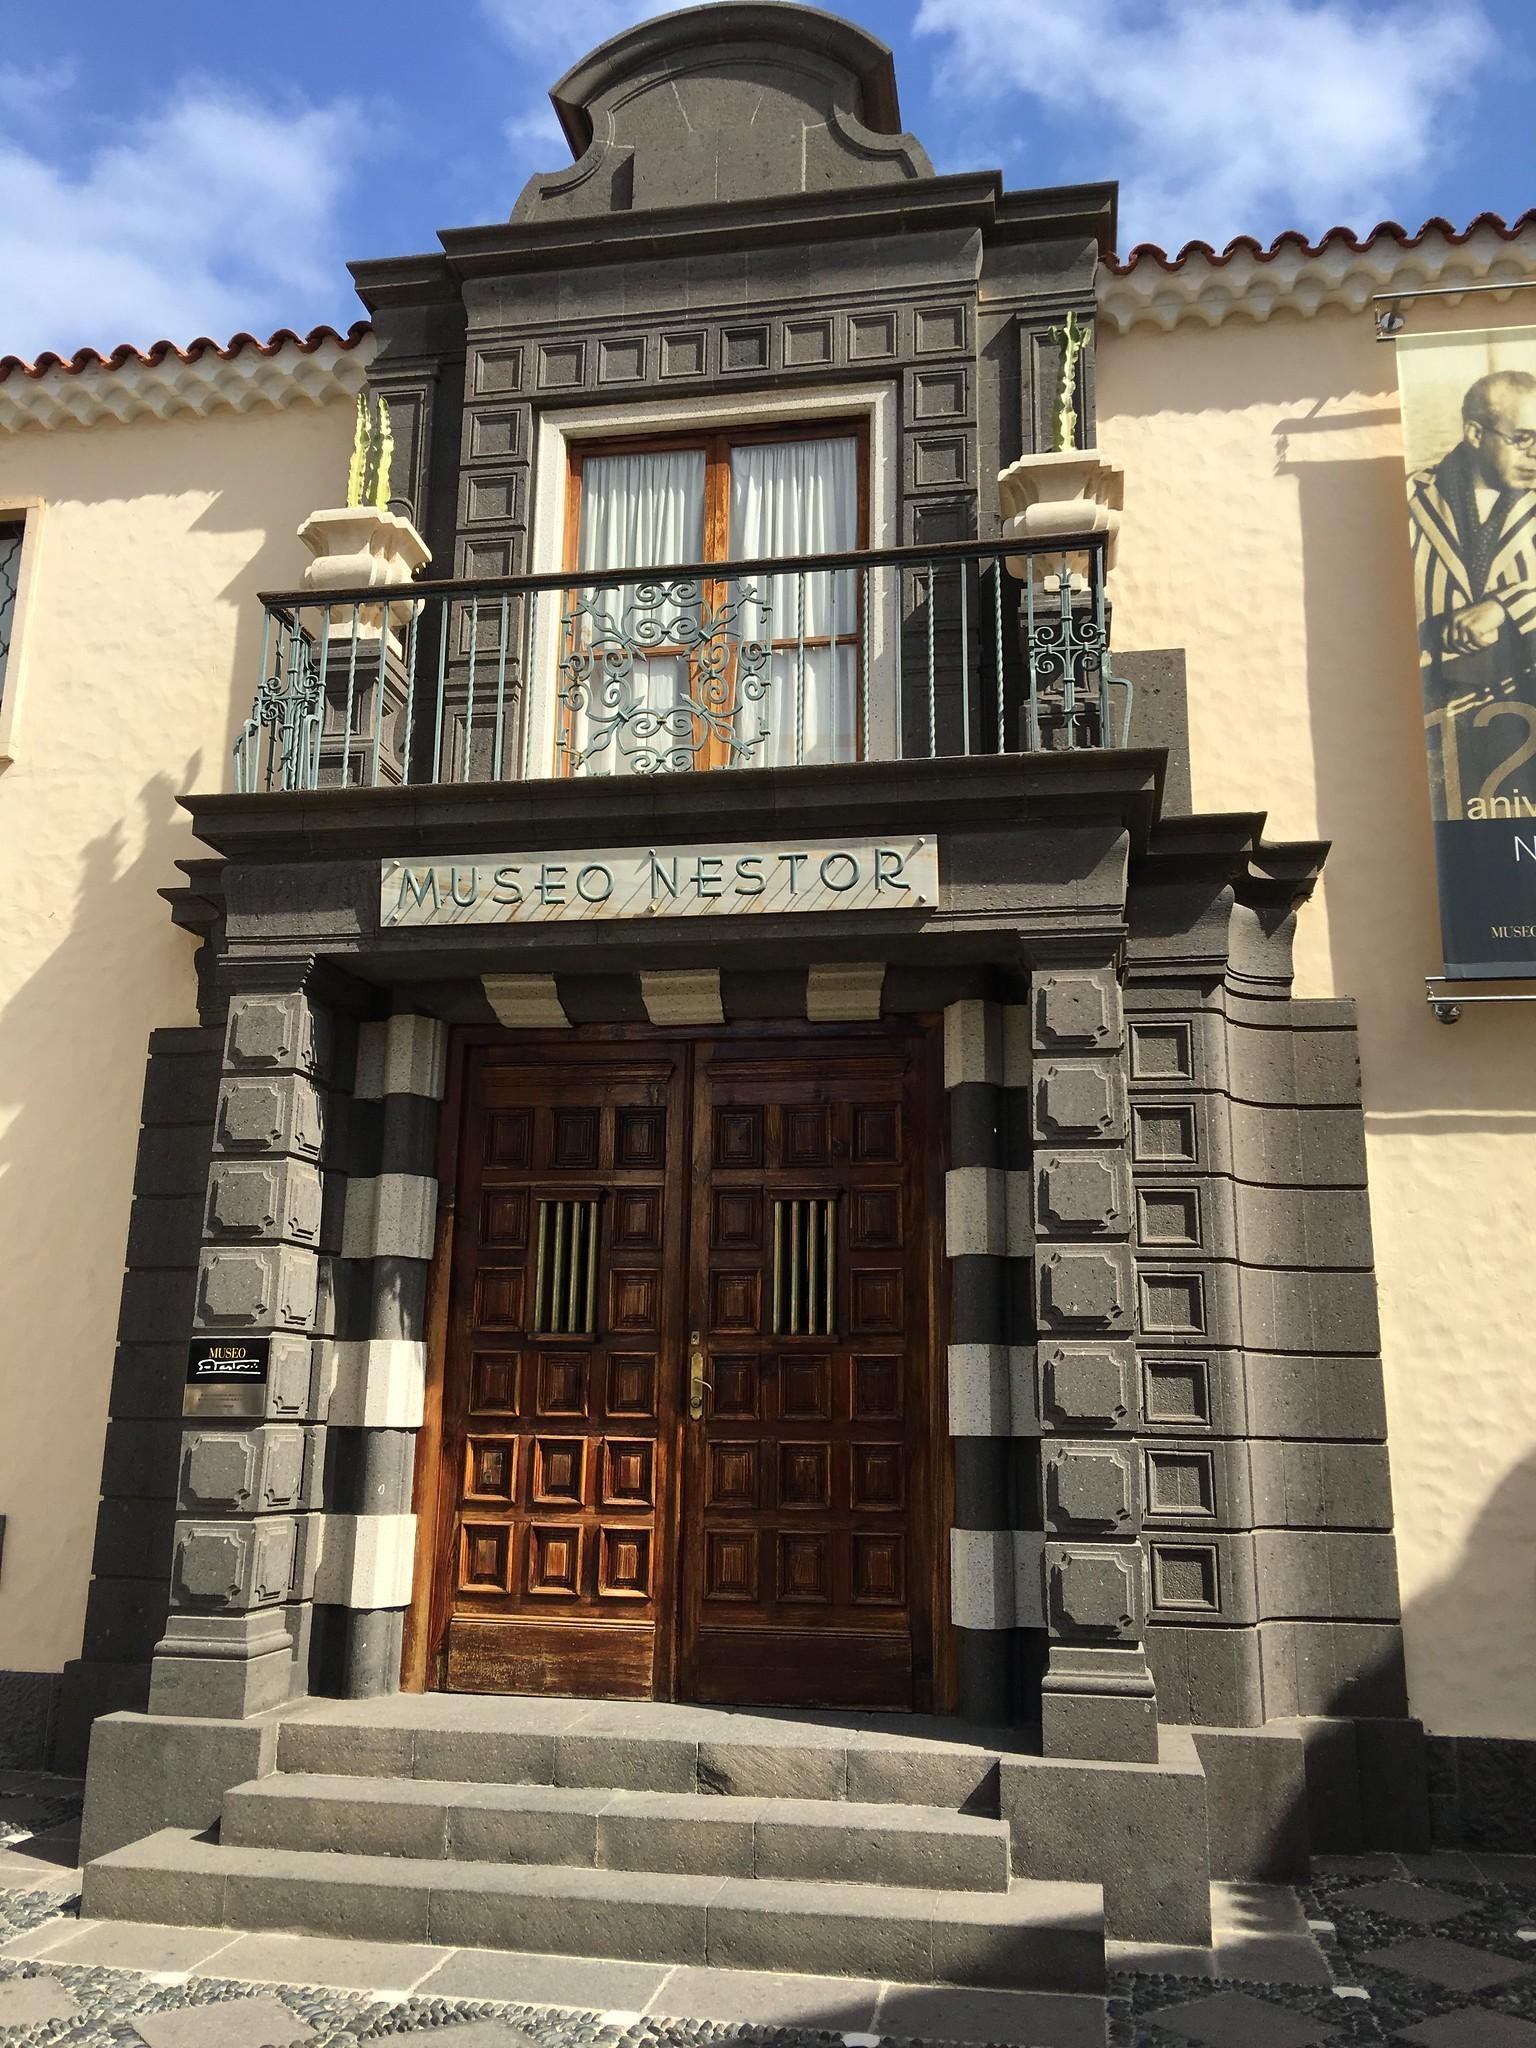 24794145353 054fcc9f62 k1 3 - Las Palmas de Gran Canaria recupera el corazón de la arquitectura neocanaria